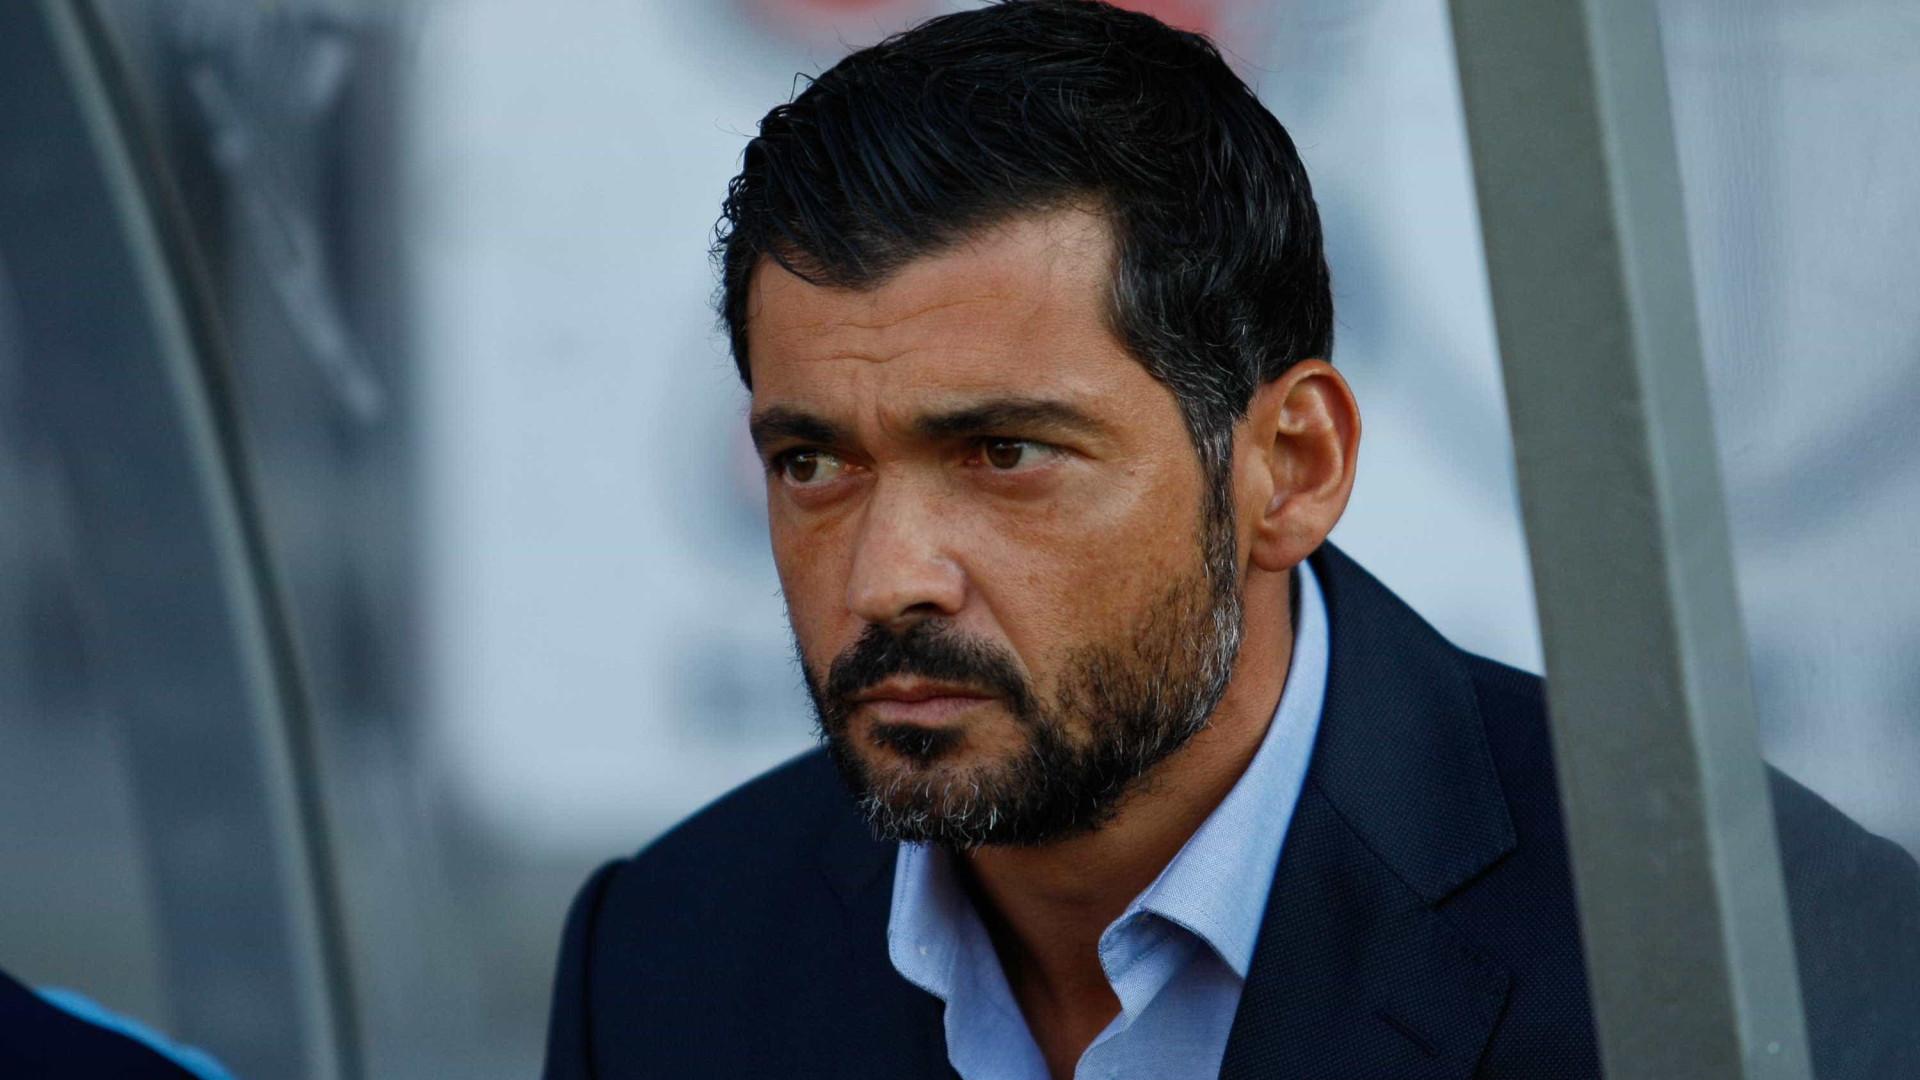 Lazio junta-se ao Standard Liège na corrida por Sérgio Conceição